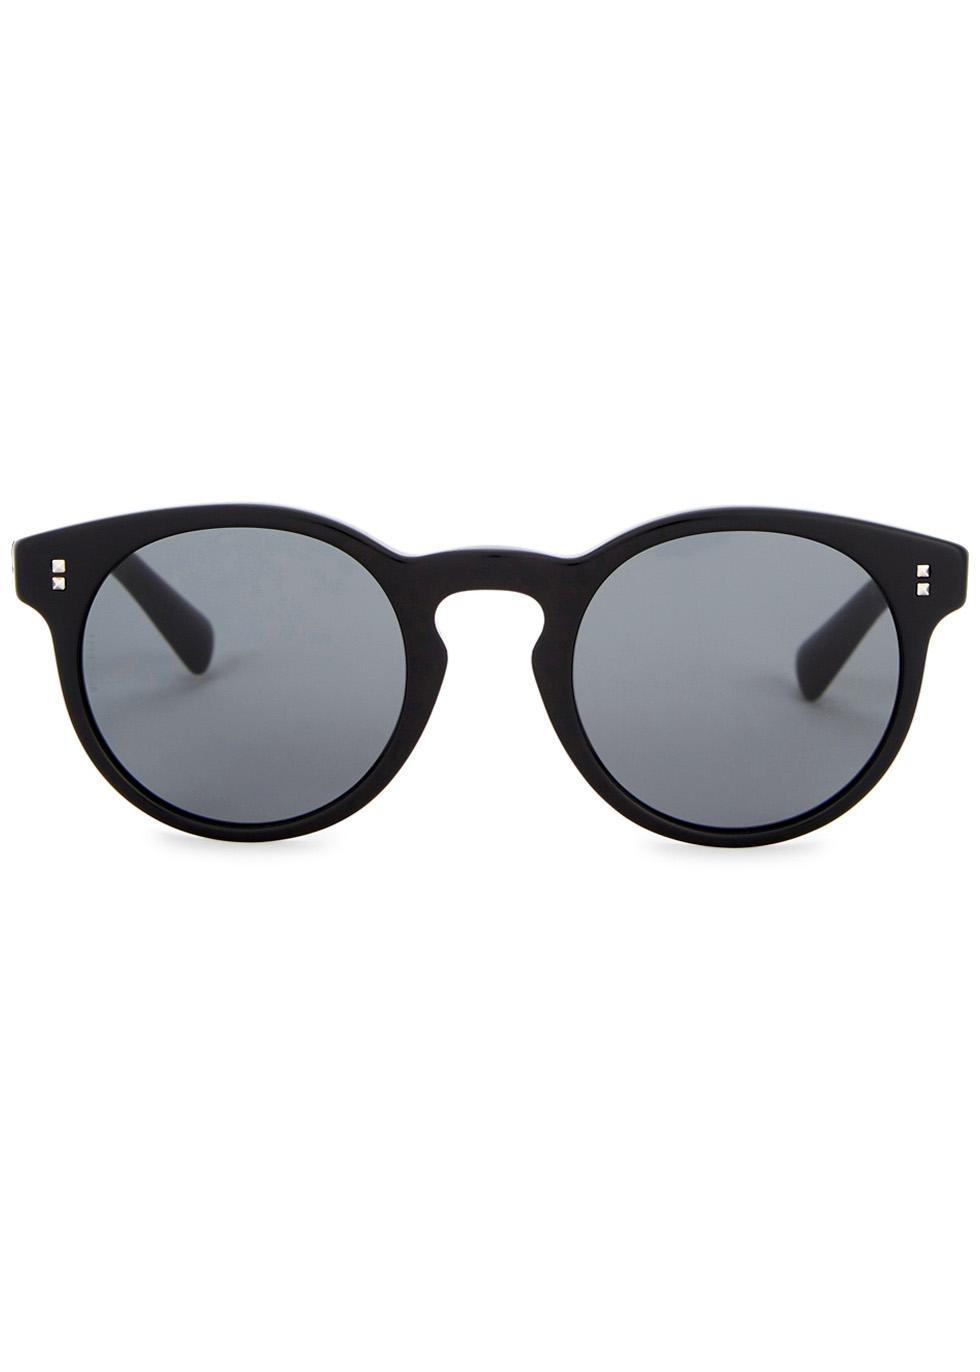 Black round-frame sunglasses - Valentino Garavani